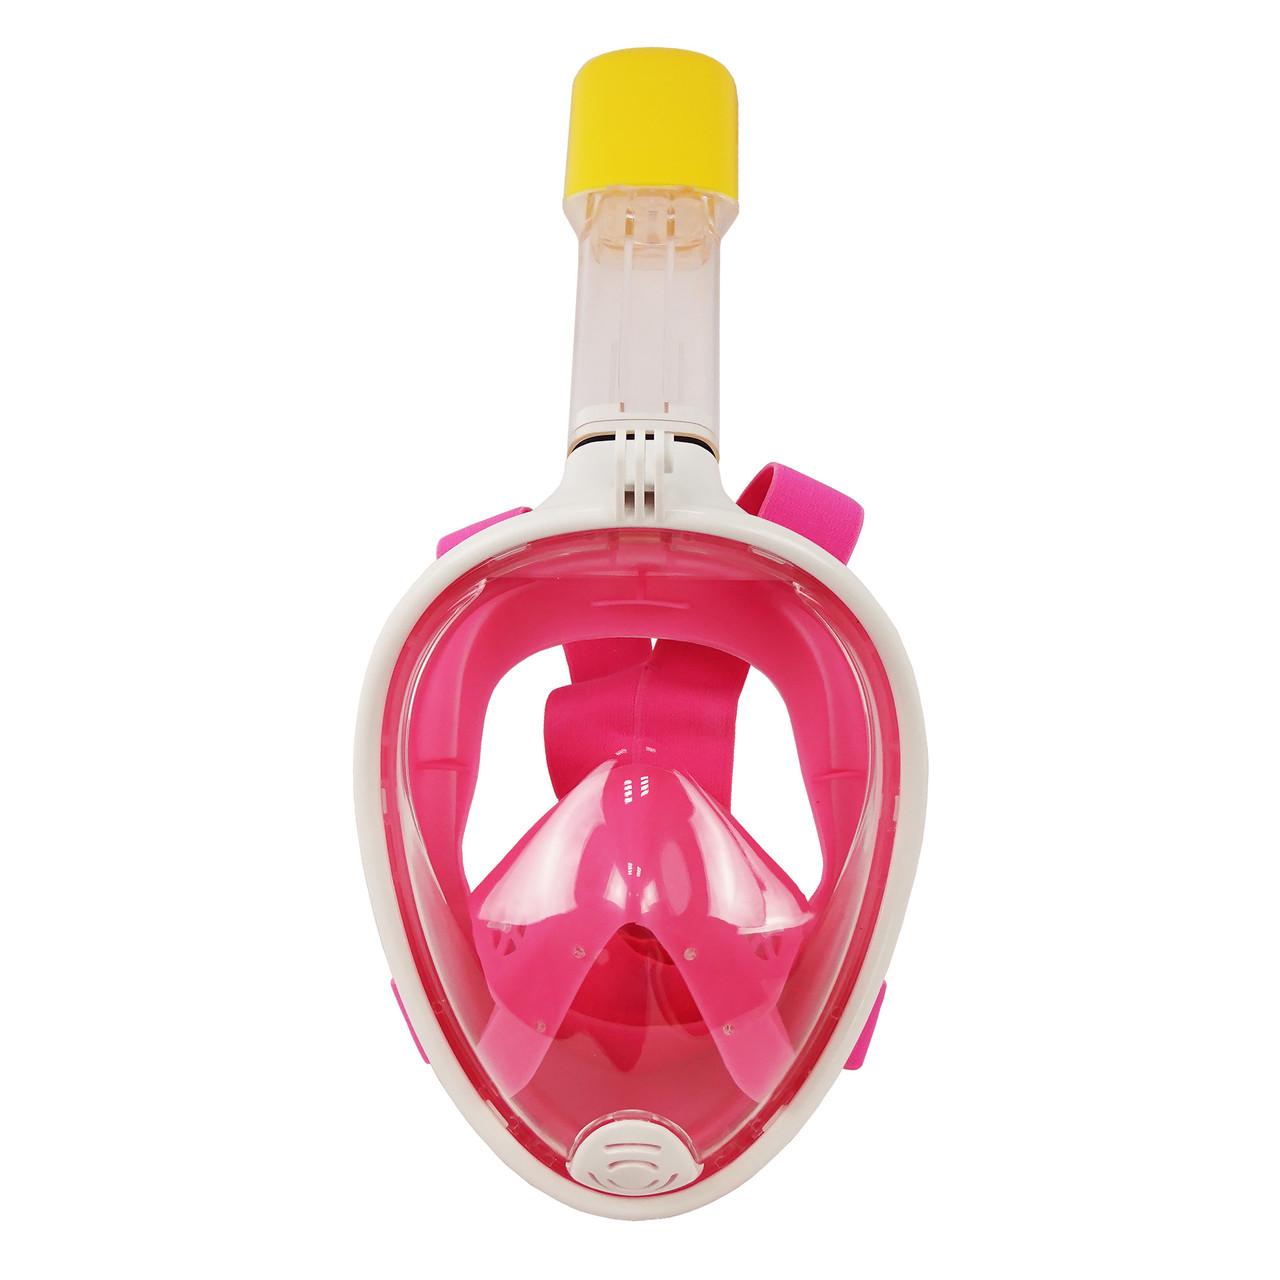 Маска для снорклінга, підводного плавання Easybreath (рожева)